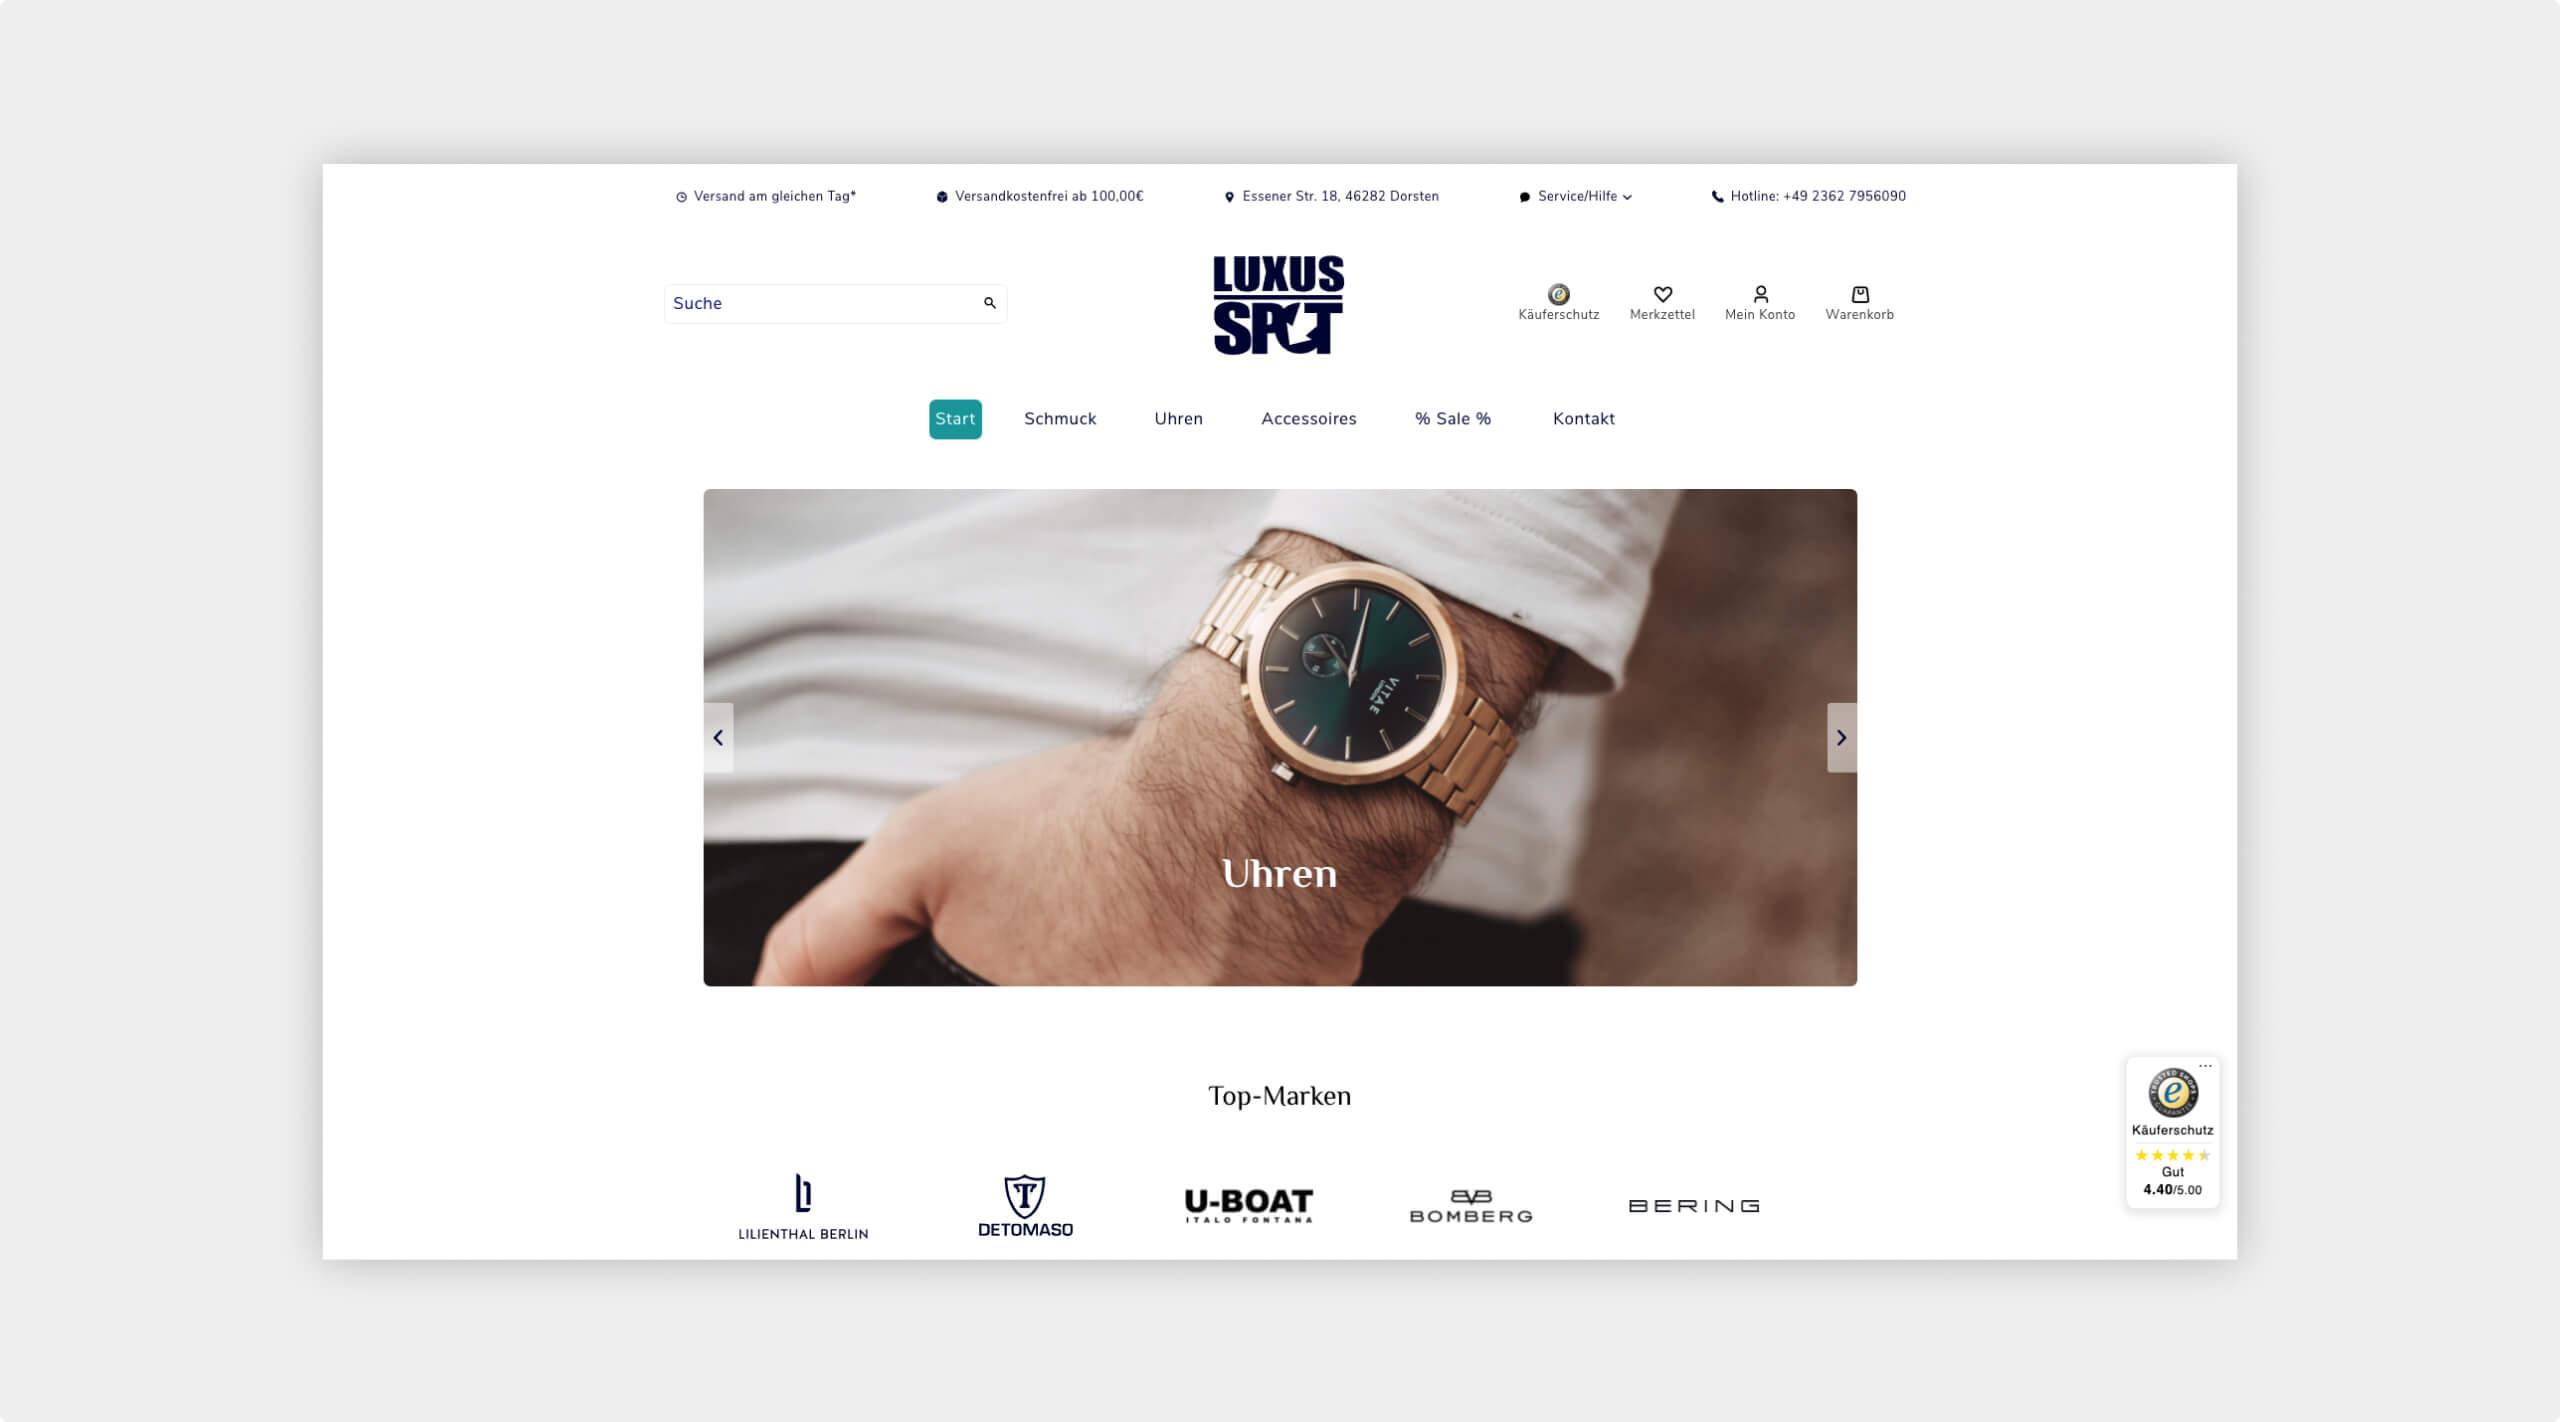 Screenshot der Startseite des Webshops von Luxus Spot mit großem Titelbild auf dem eine luxuriöse Uhr abgebildet ist.